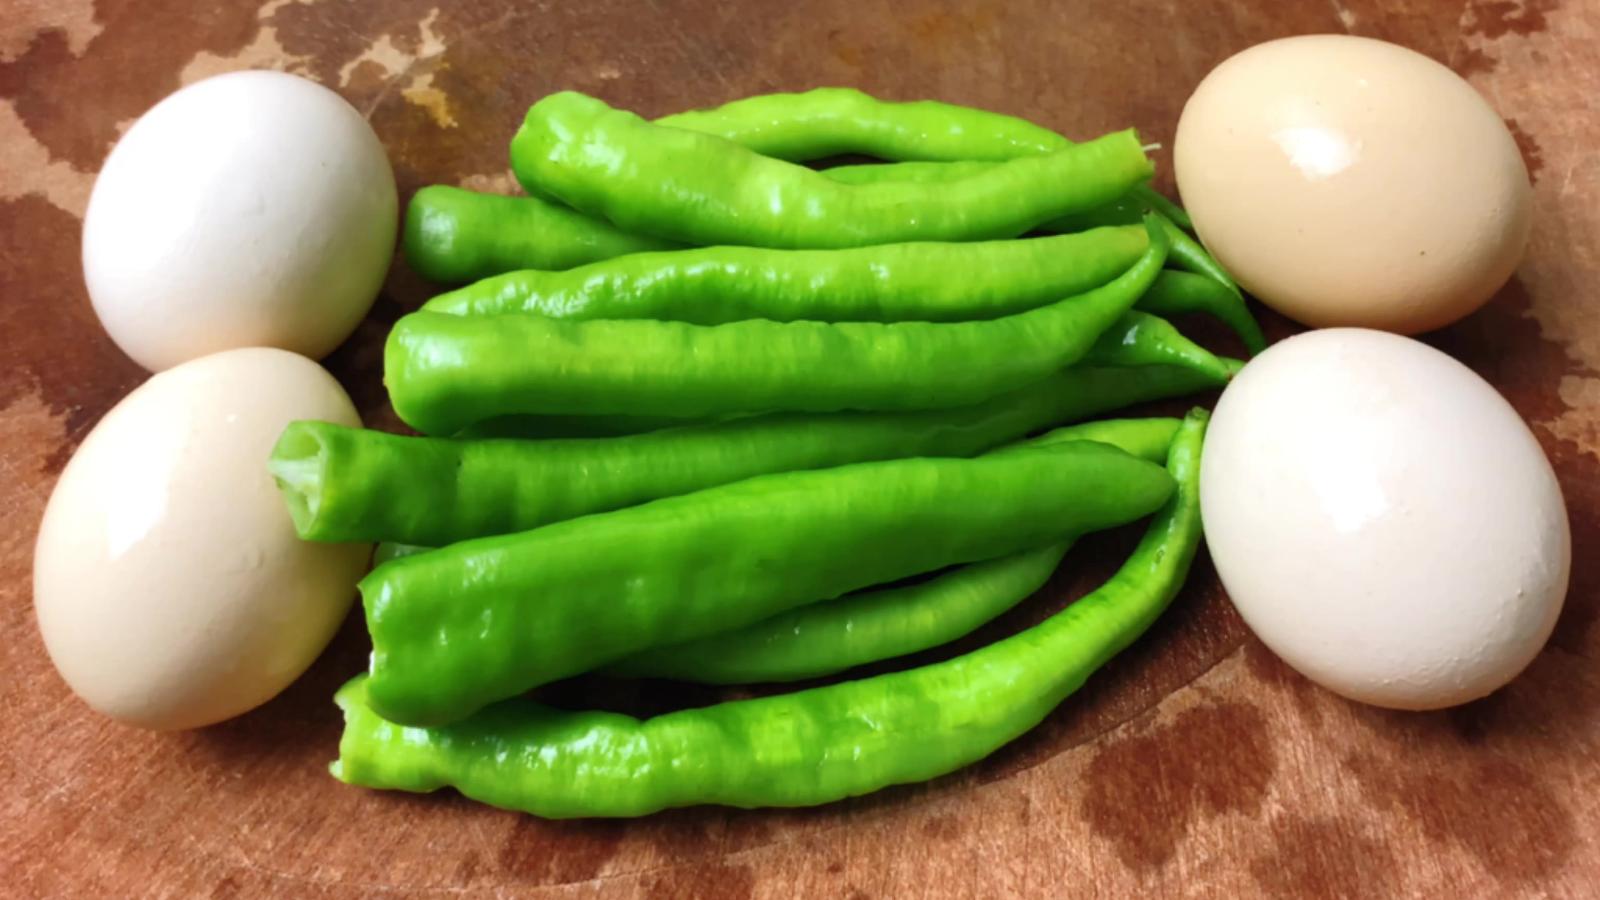 尖椒炒鸡蛋是先炒尖椒还是鸡蛋,很多人都错了,大厨教你正确做法